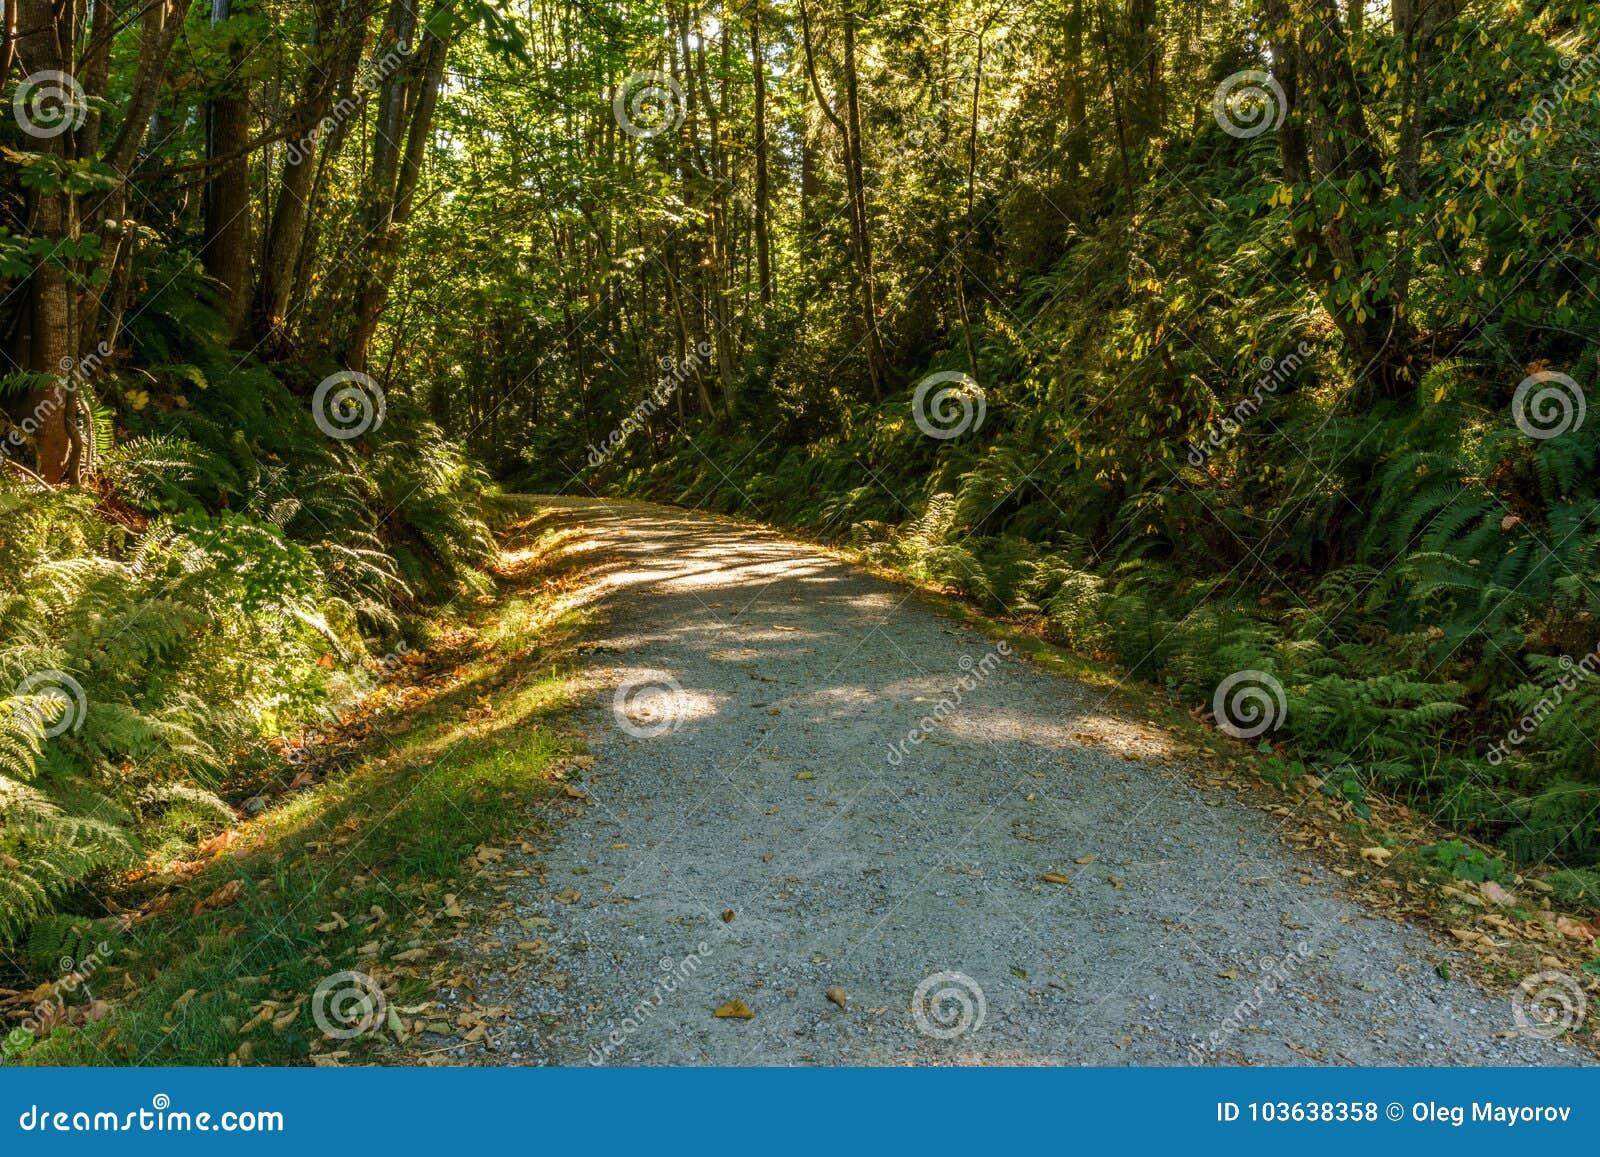 Estrada ou fuga de caminhada cênico e bonita do cascalho na floresta